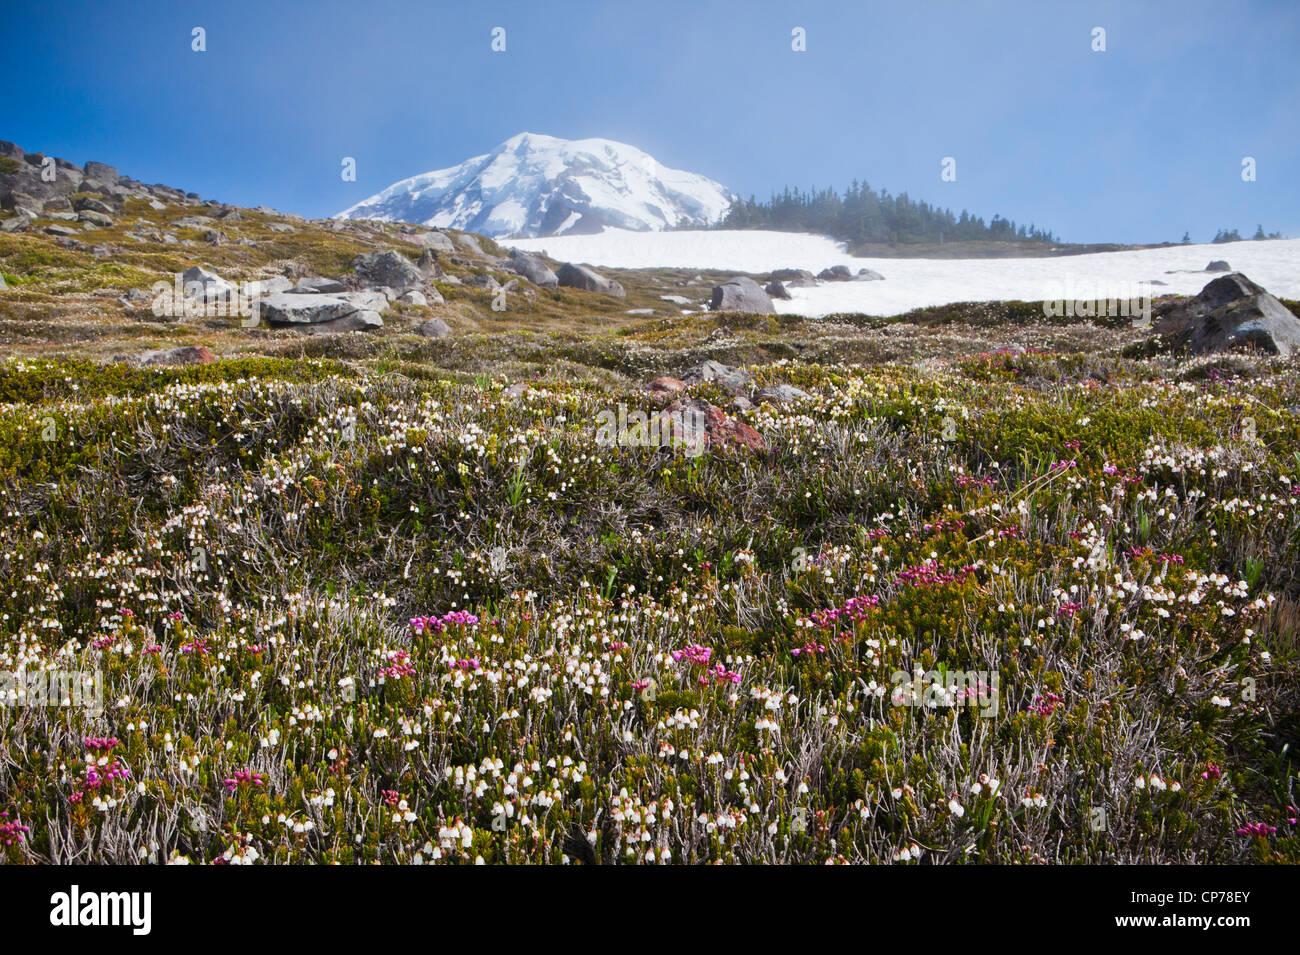 La cima del Monte Rainier arriba peaking Spray Park en Mount Ranier National Park, Washington, EE.UU. Imagen De Stock